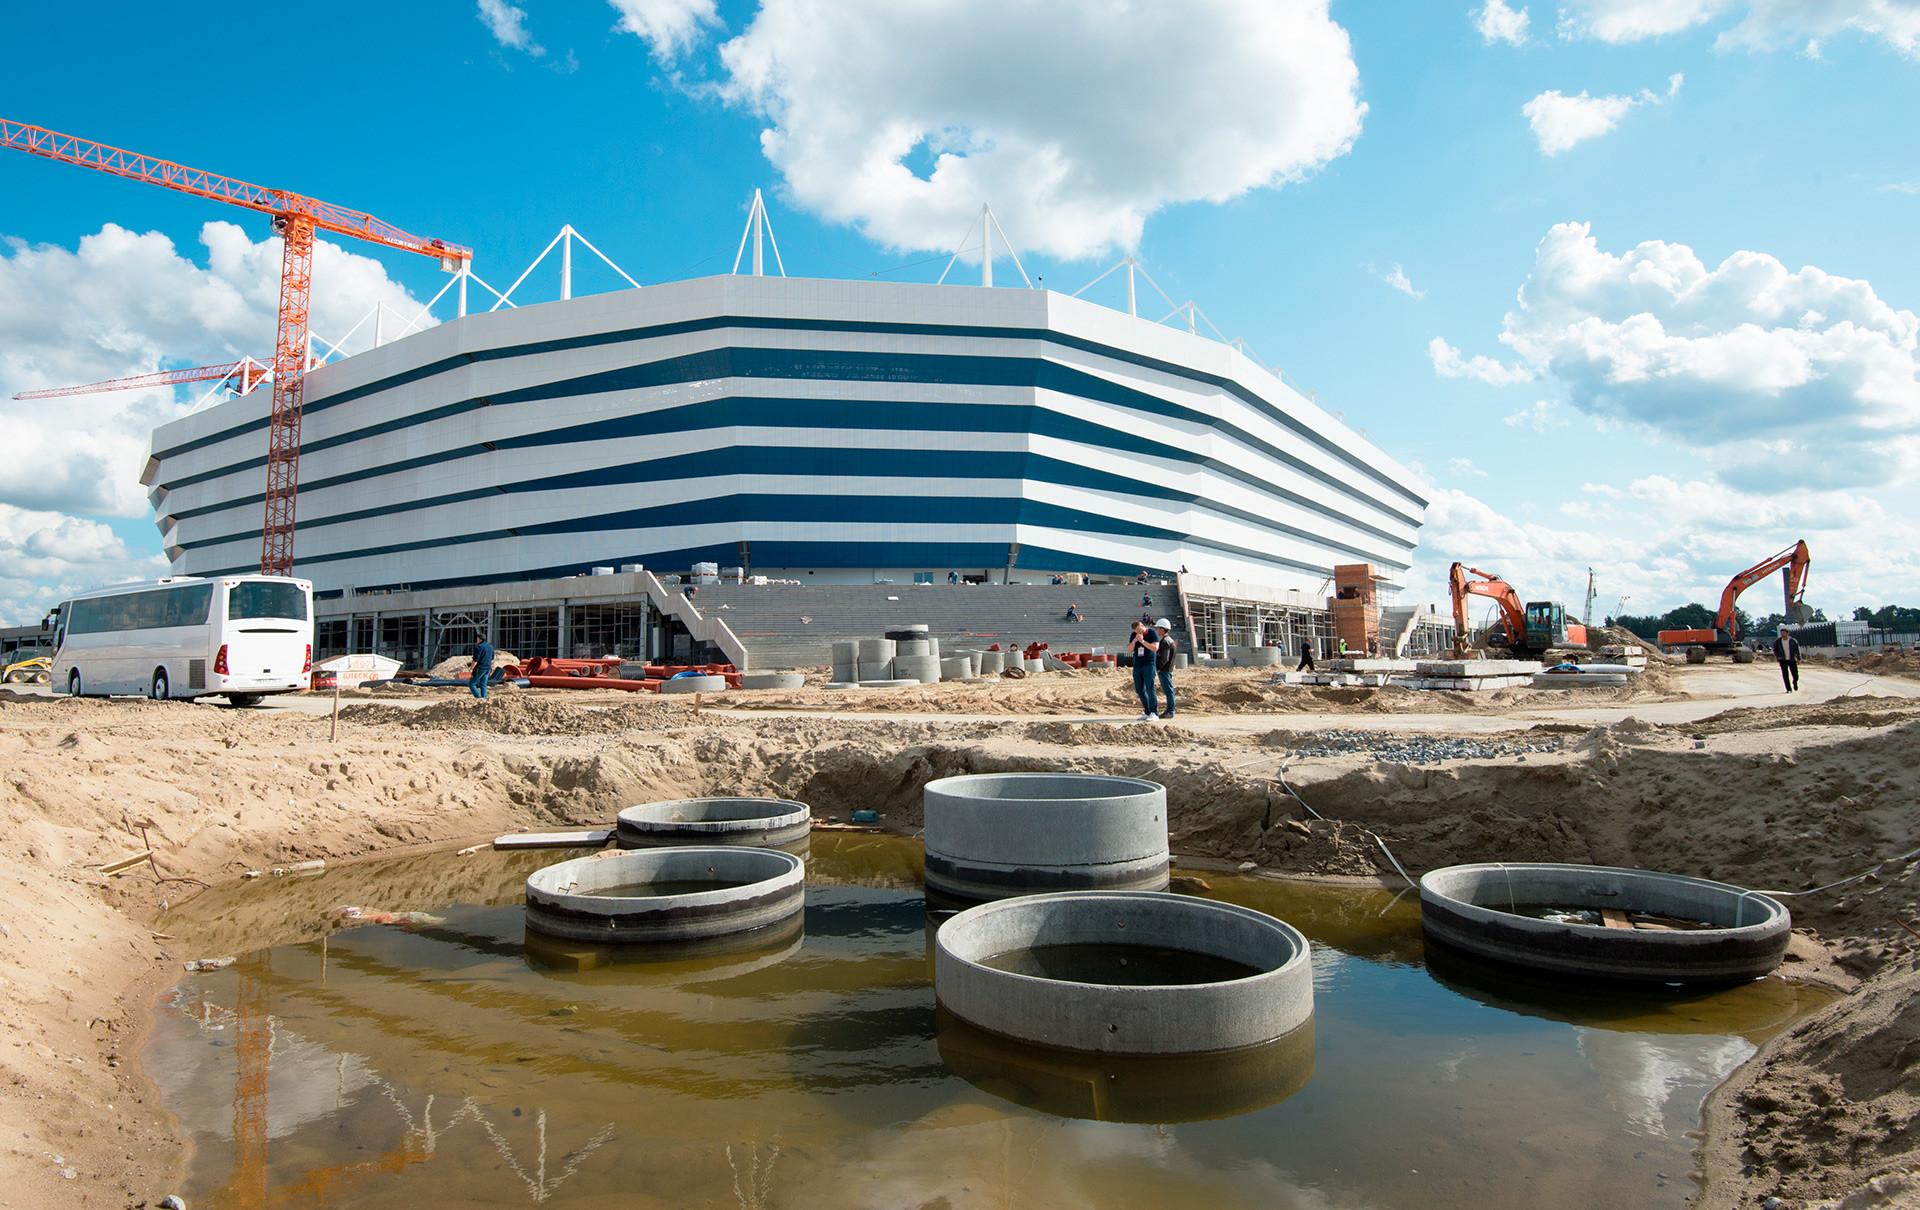 Stadium of Oktyabrsky Island in Kaliningrad